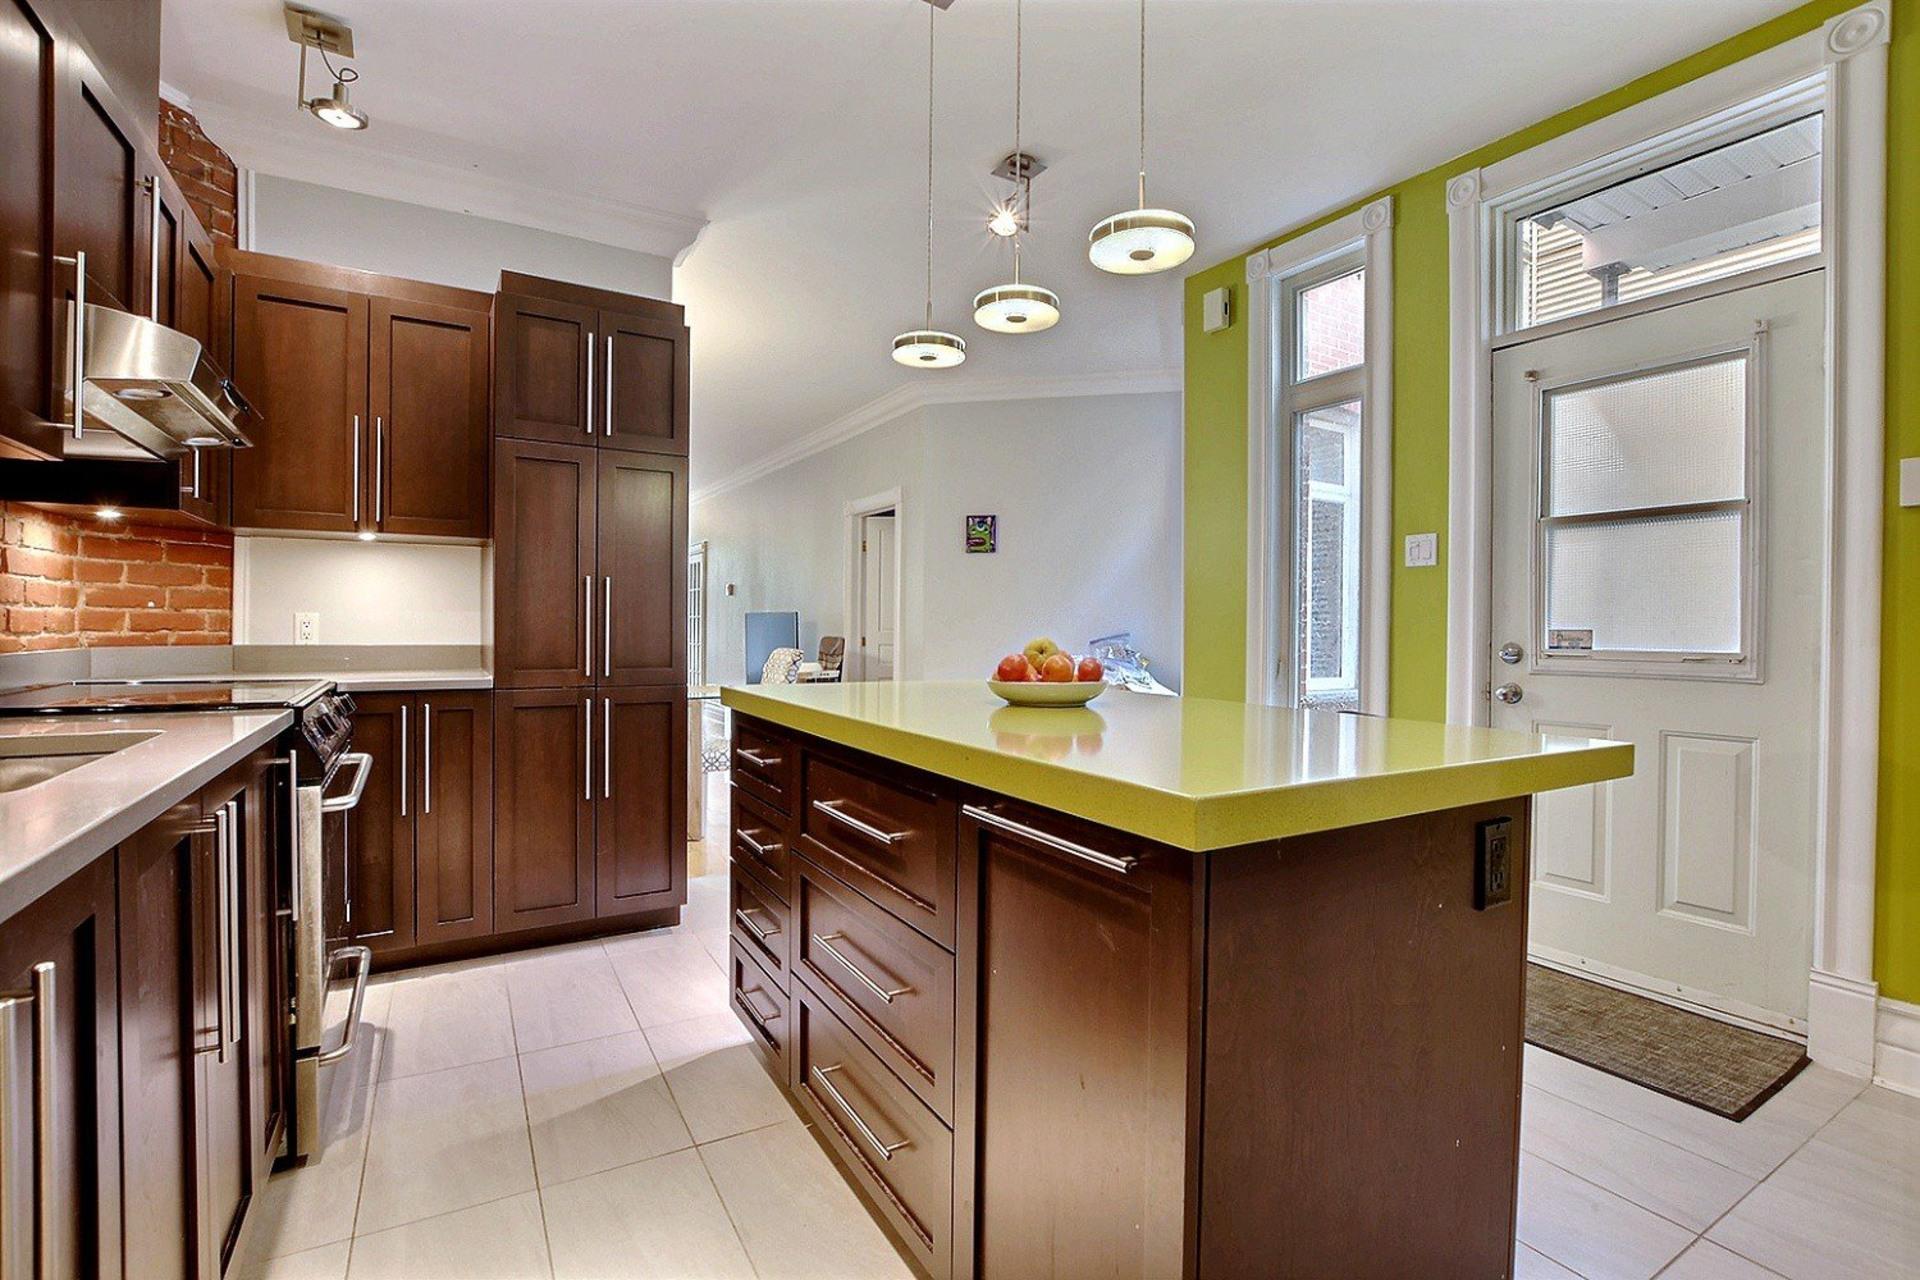 image 4 - Apartment For sale Montréal Le Plateau-Mont-Royal  - 5 rooms